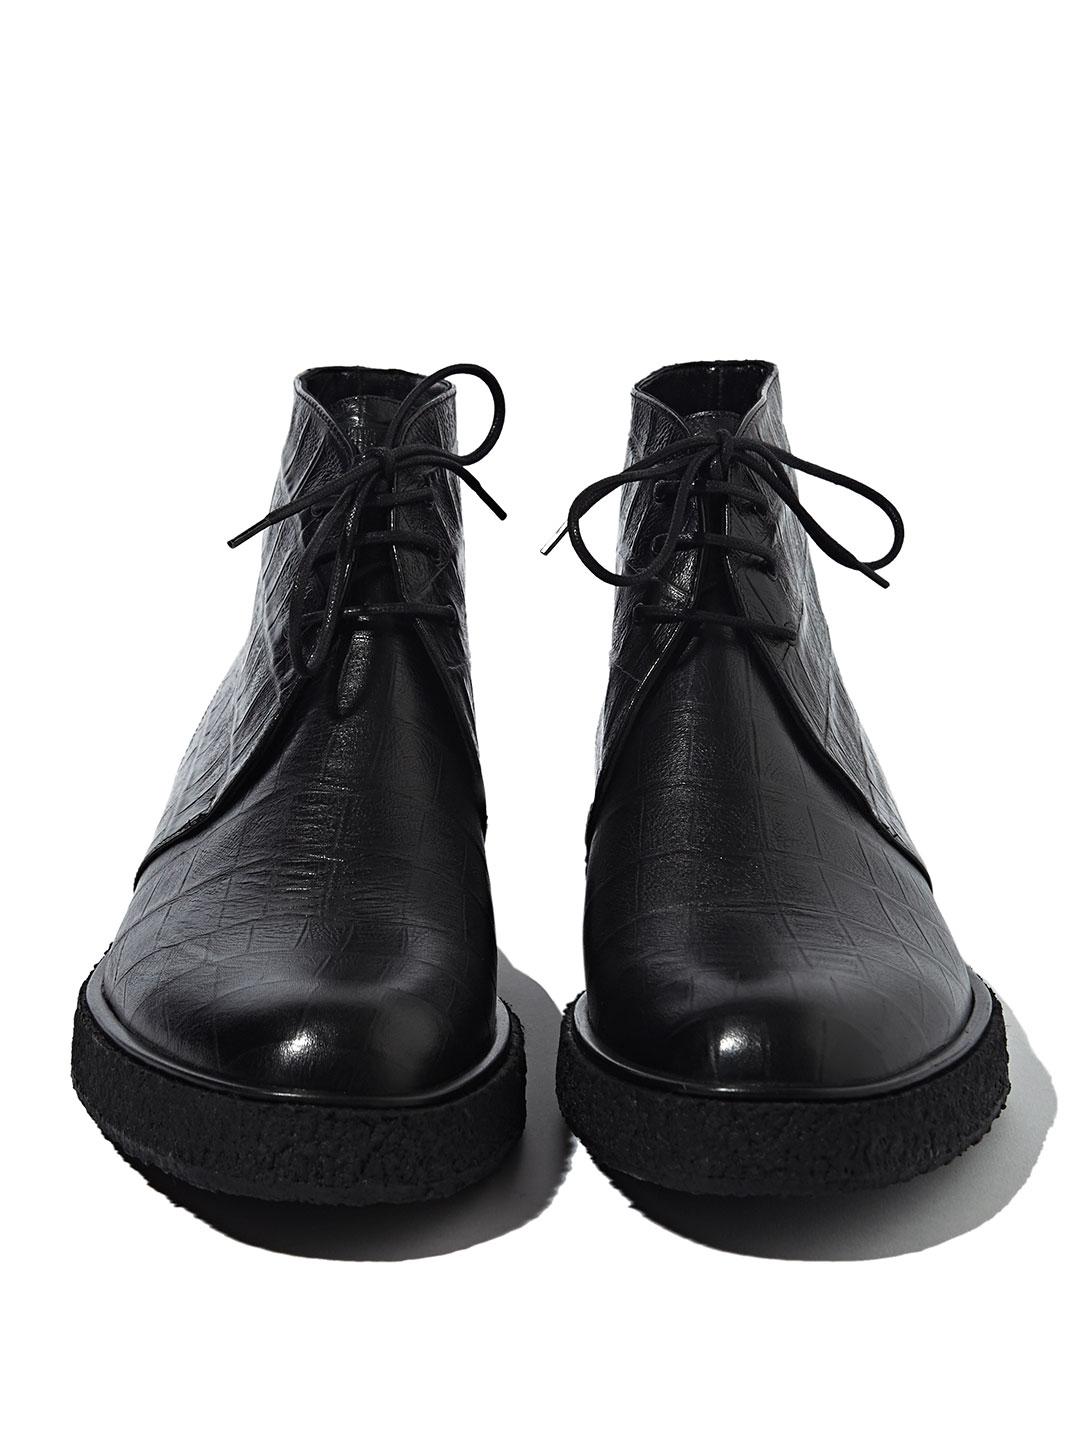 Saint Laurent Faux Crocodile Boots In Black For Men Lyst